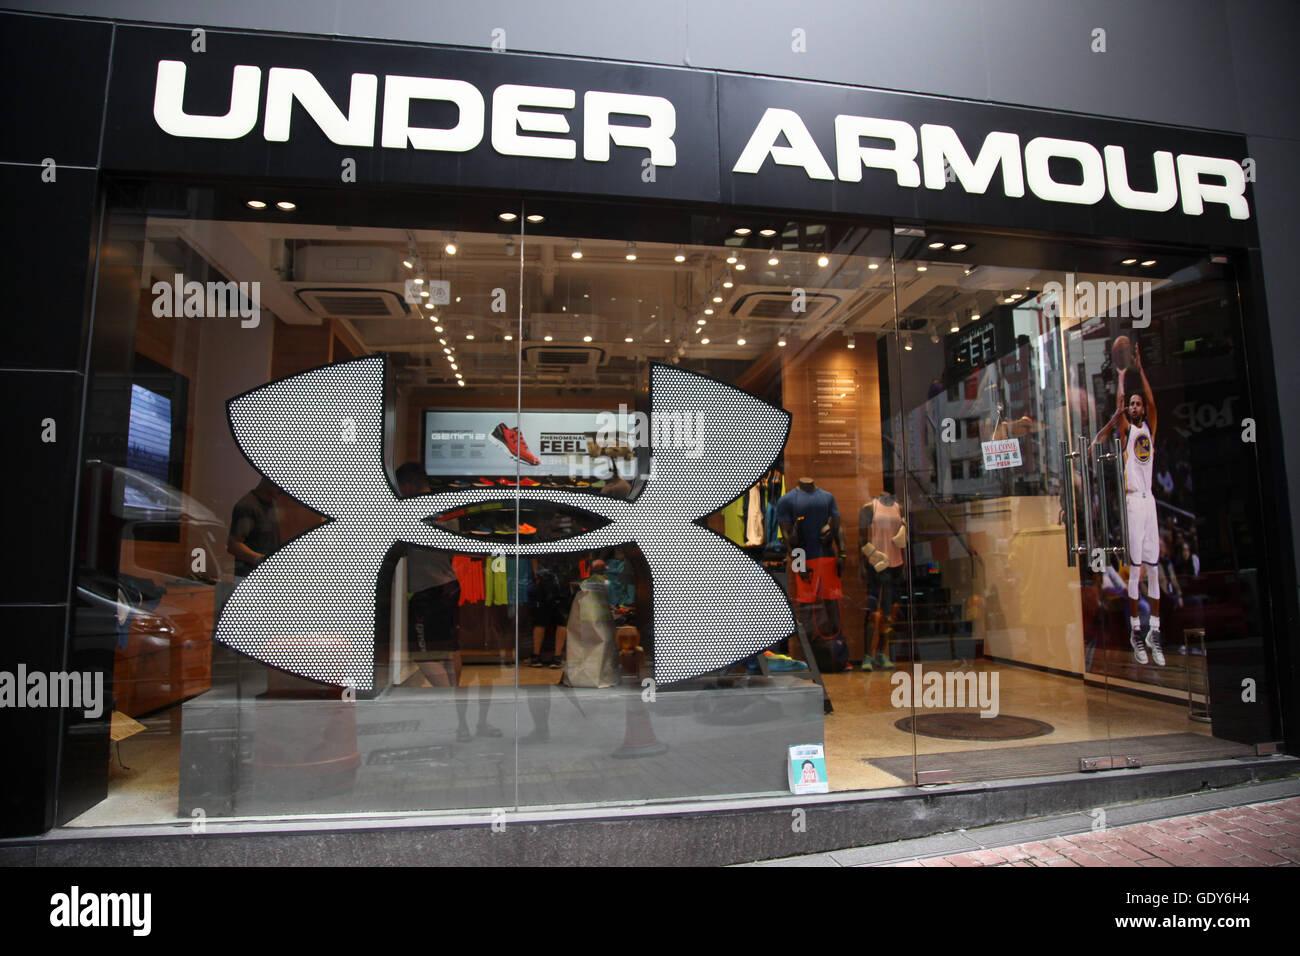 under armour shop